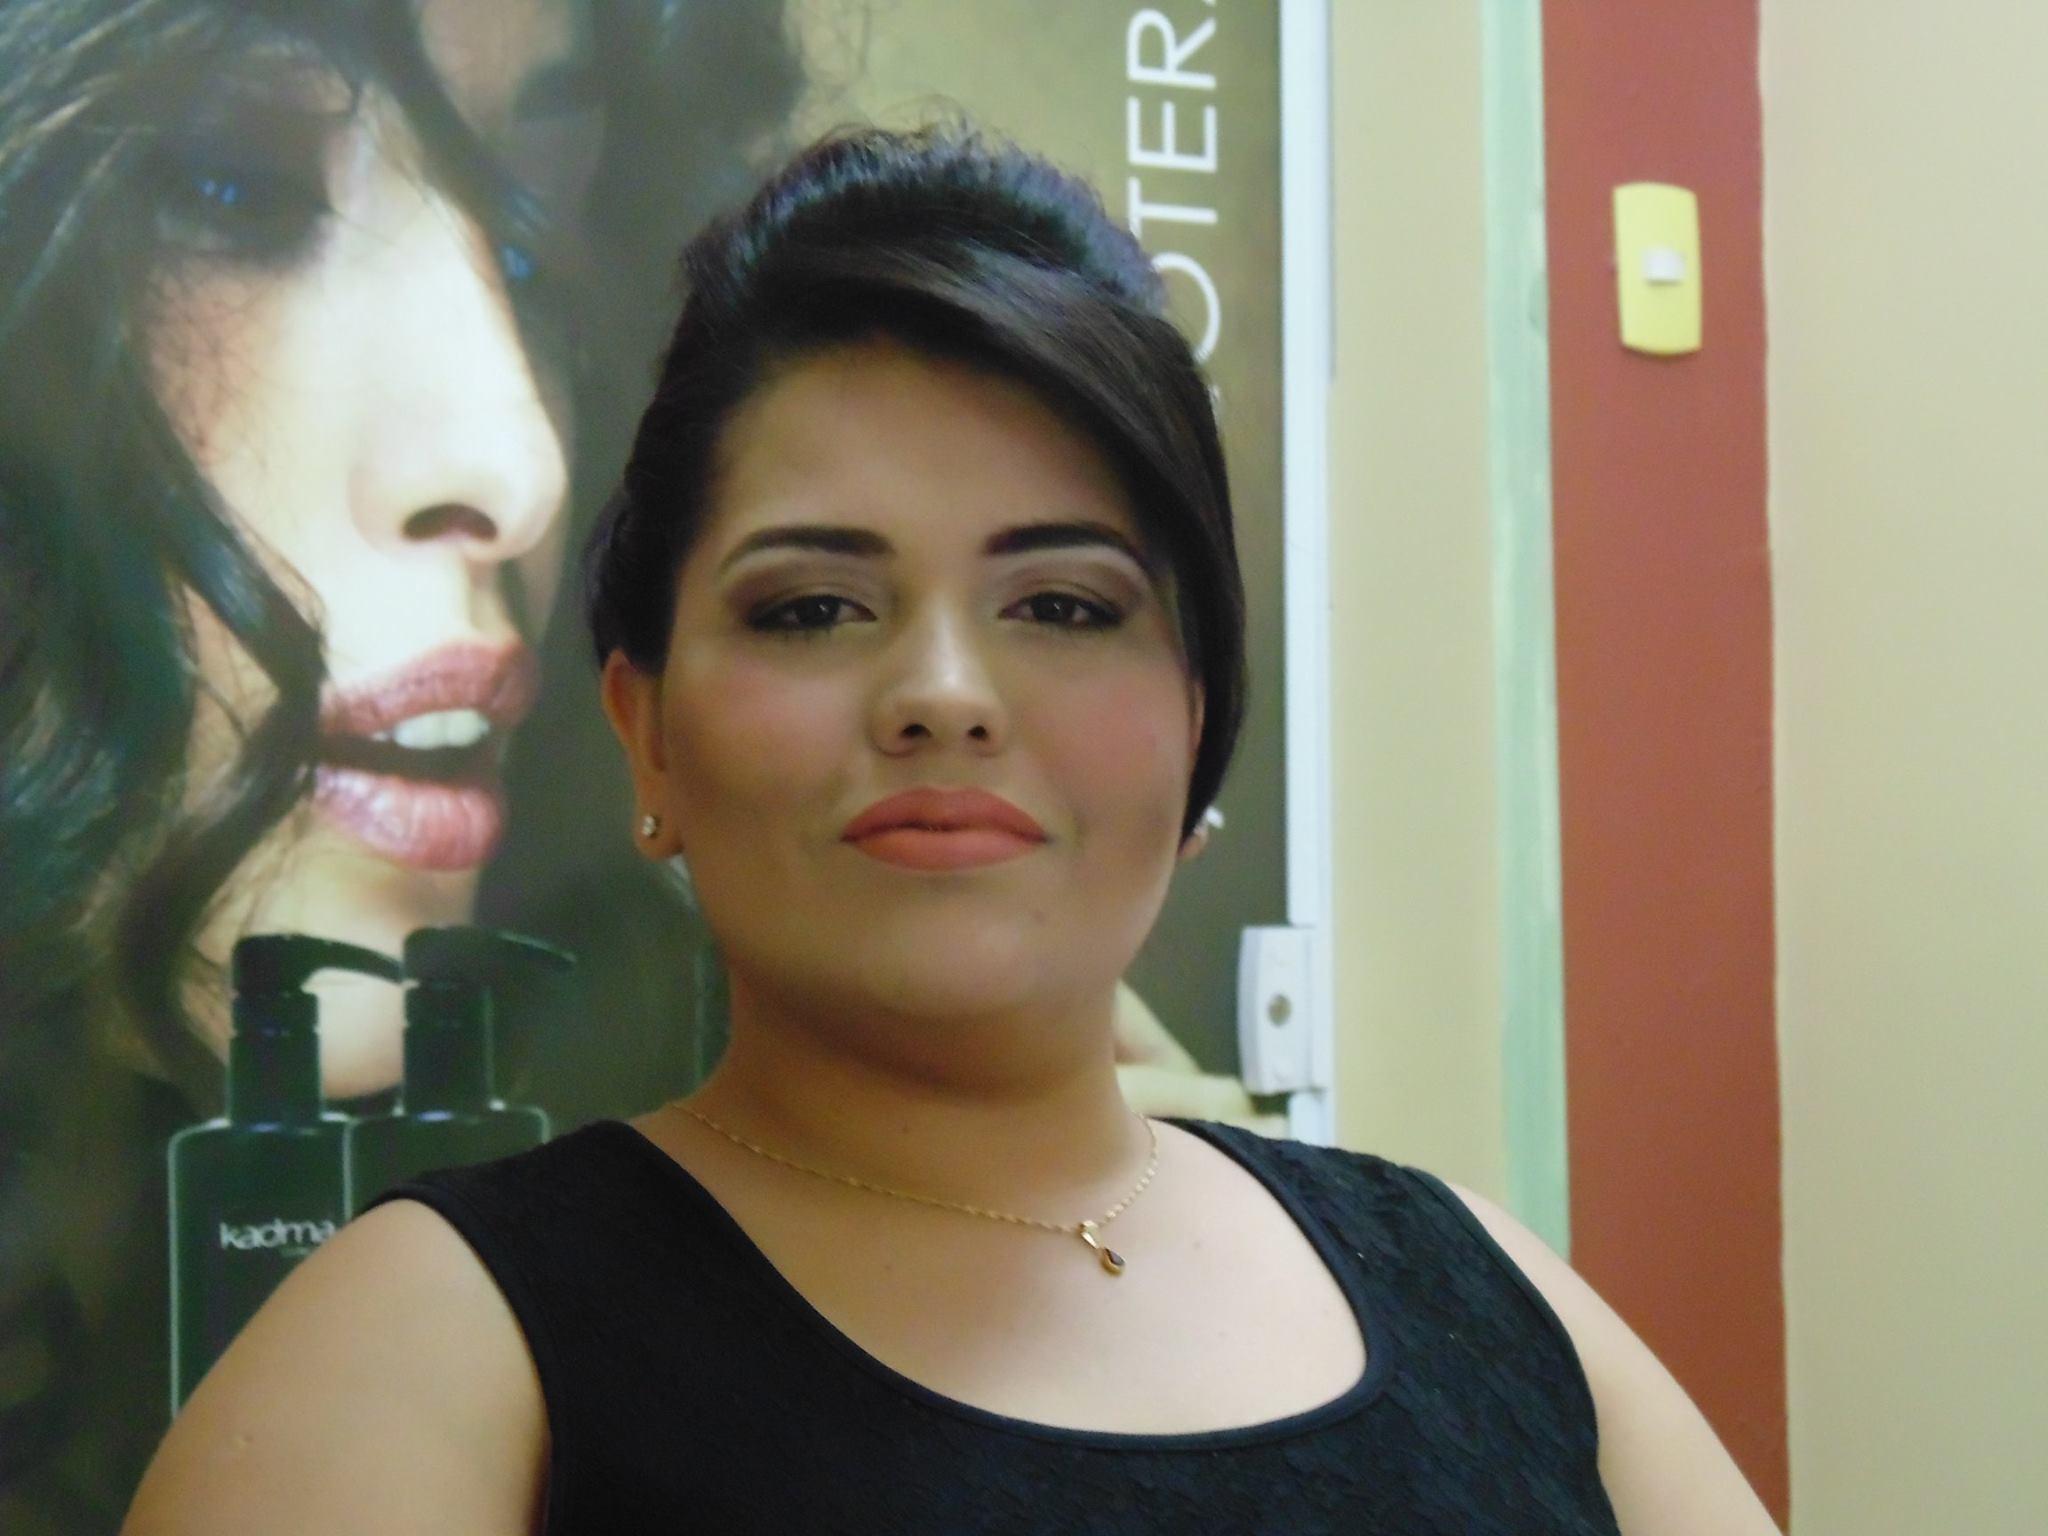 Maquiagem Pele Clara penteado preso, maquiagem cabeleireiro(a) depilador(a) designer de sobrancelhas maquiador(a) esteticista